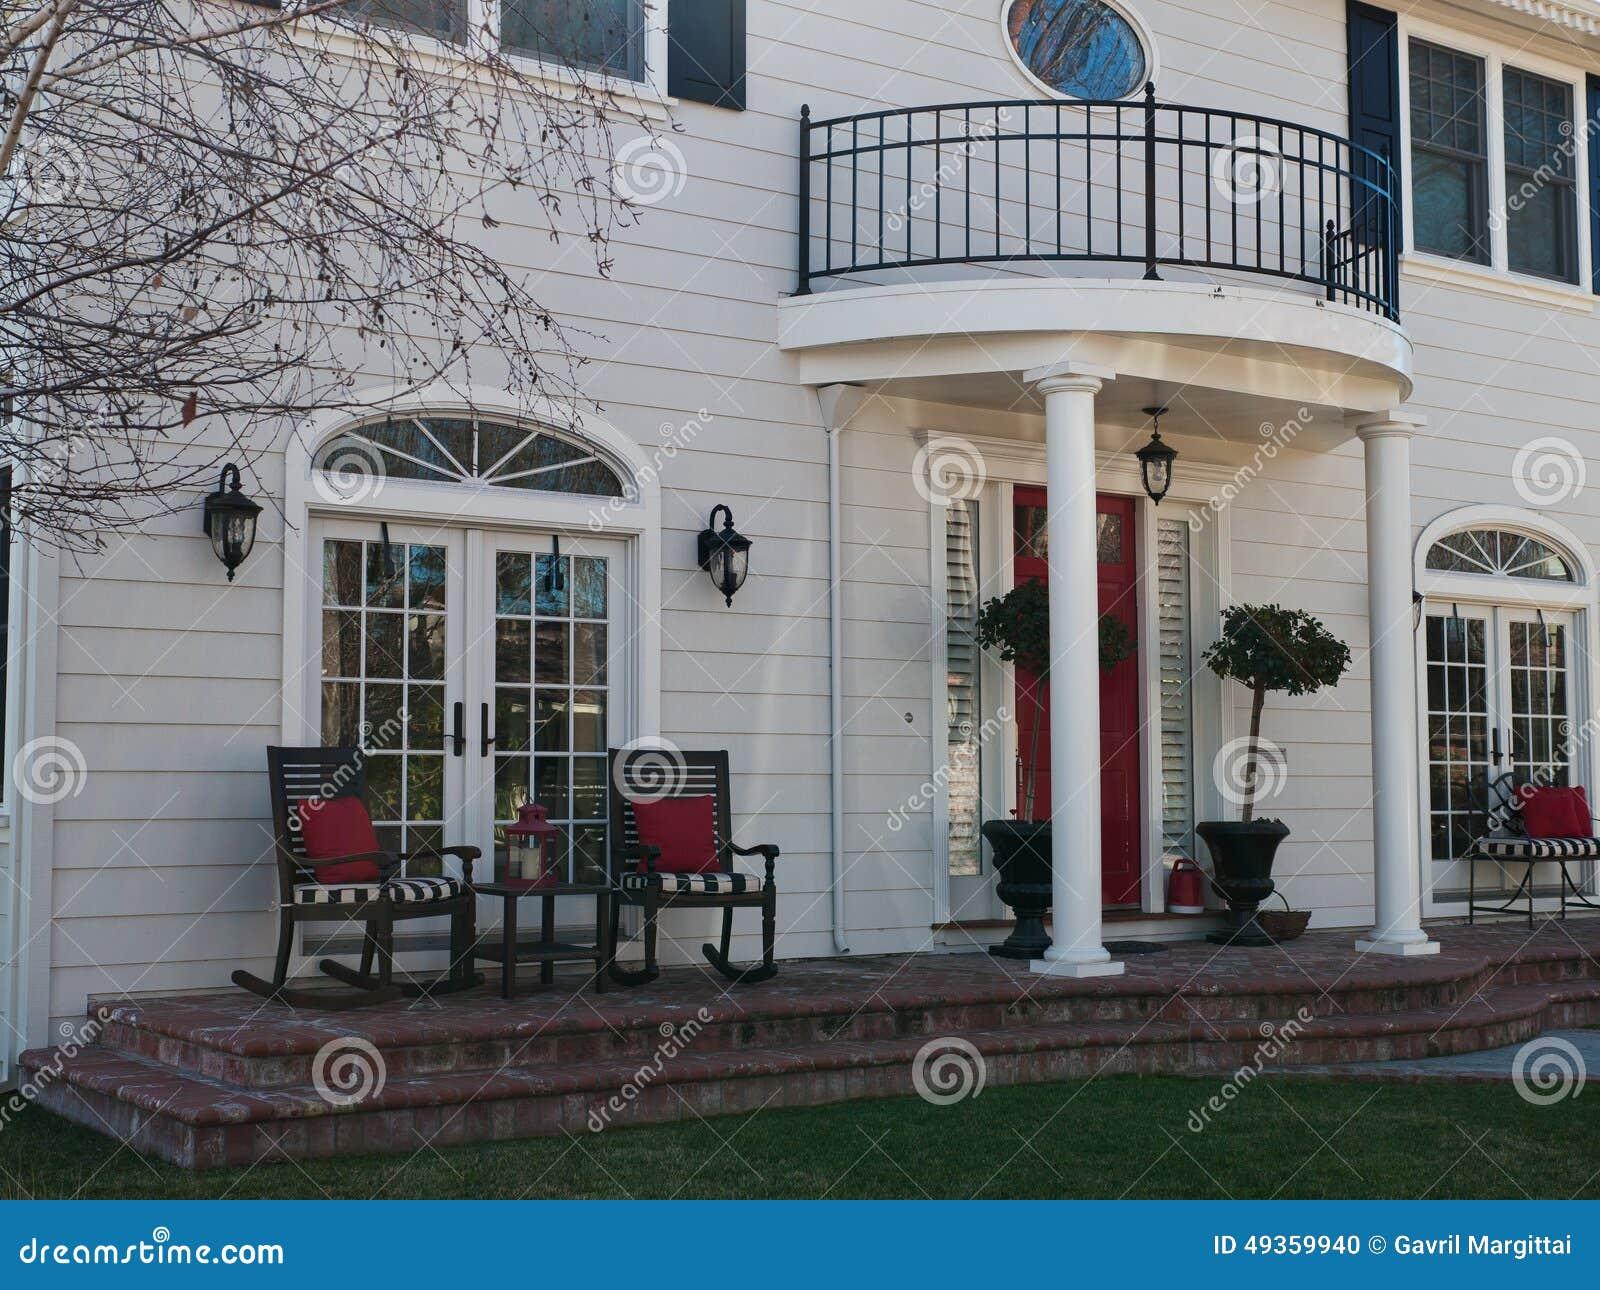 Belle entrée de maison photo stock. Image du présidences - 49359940